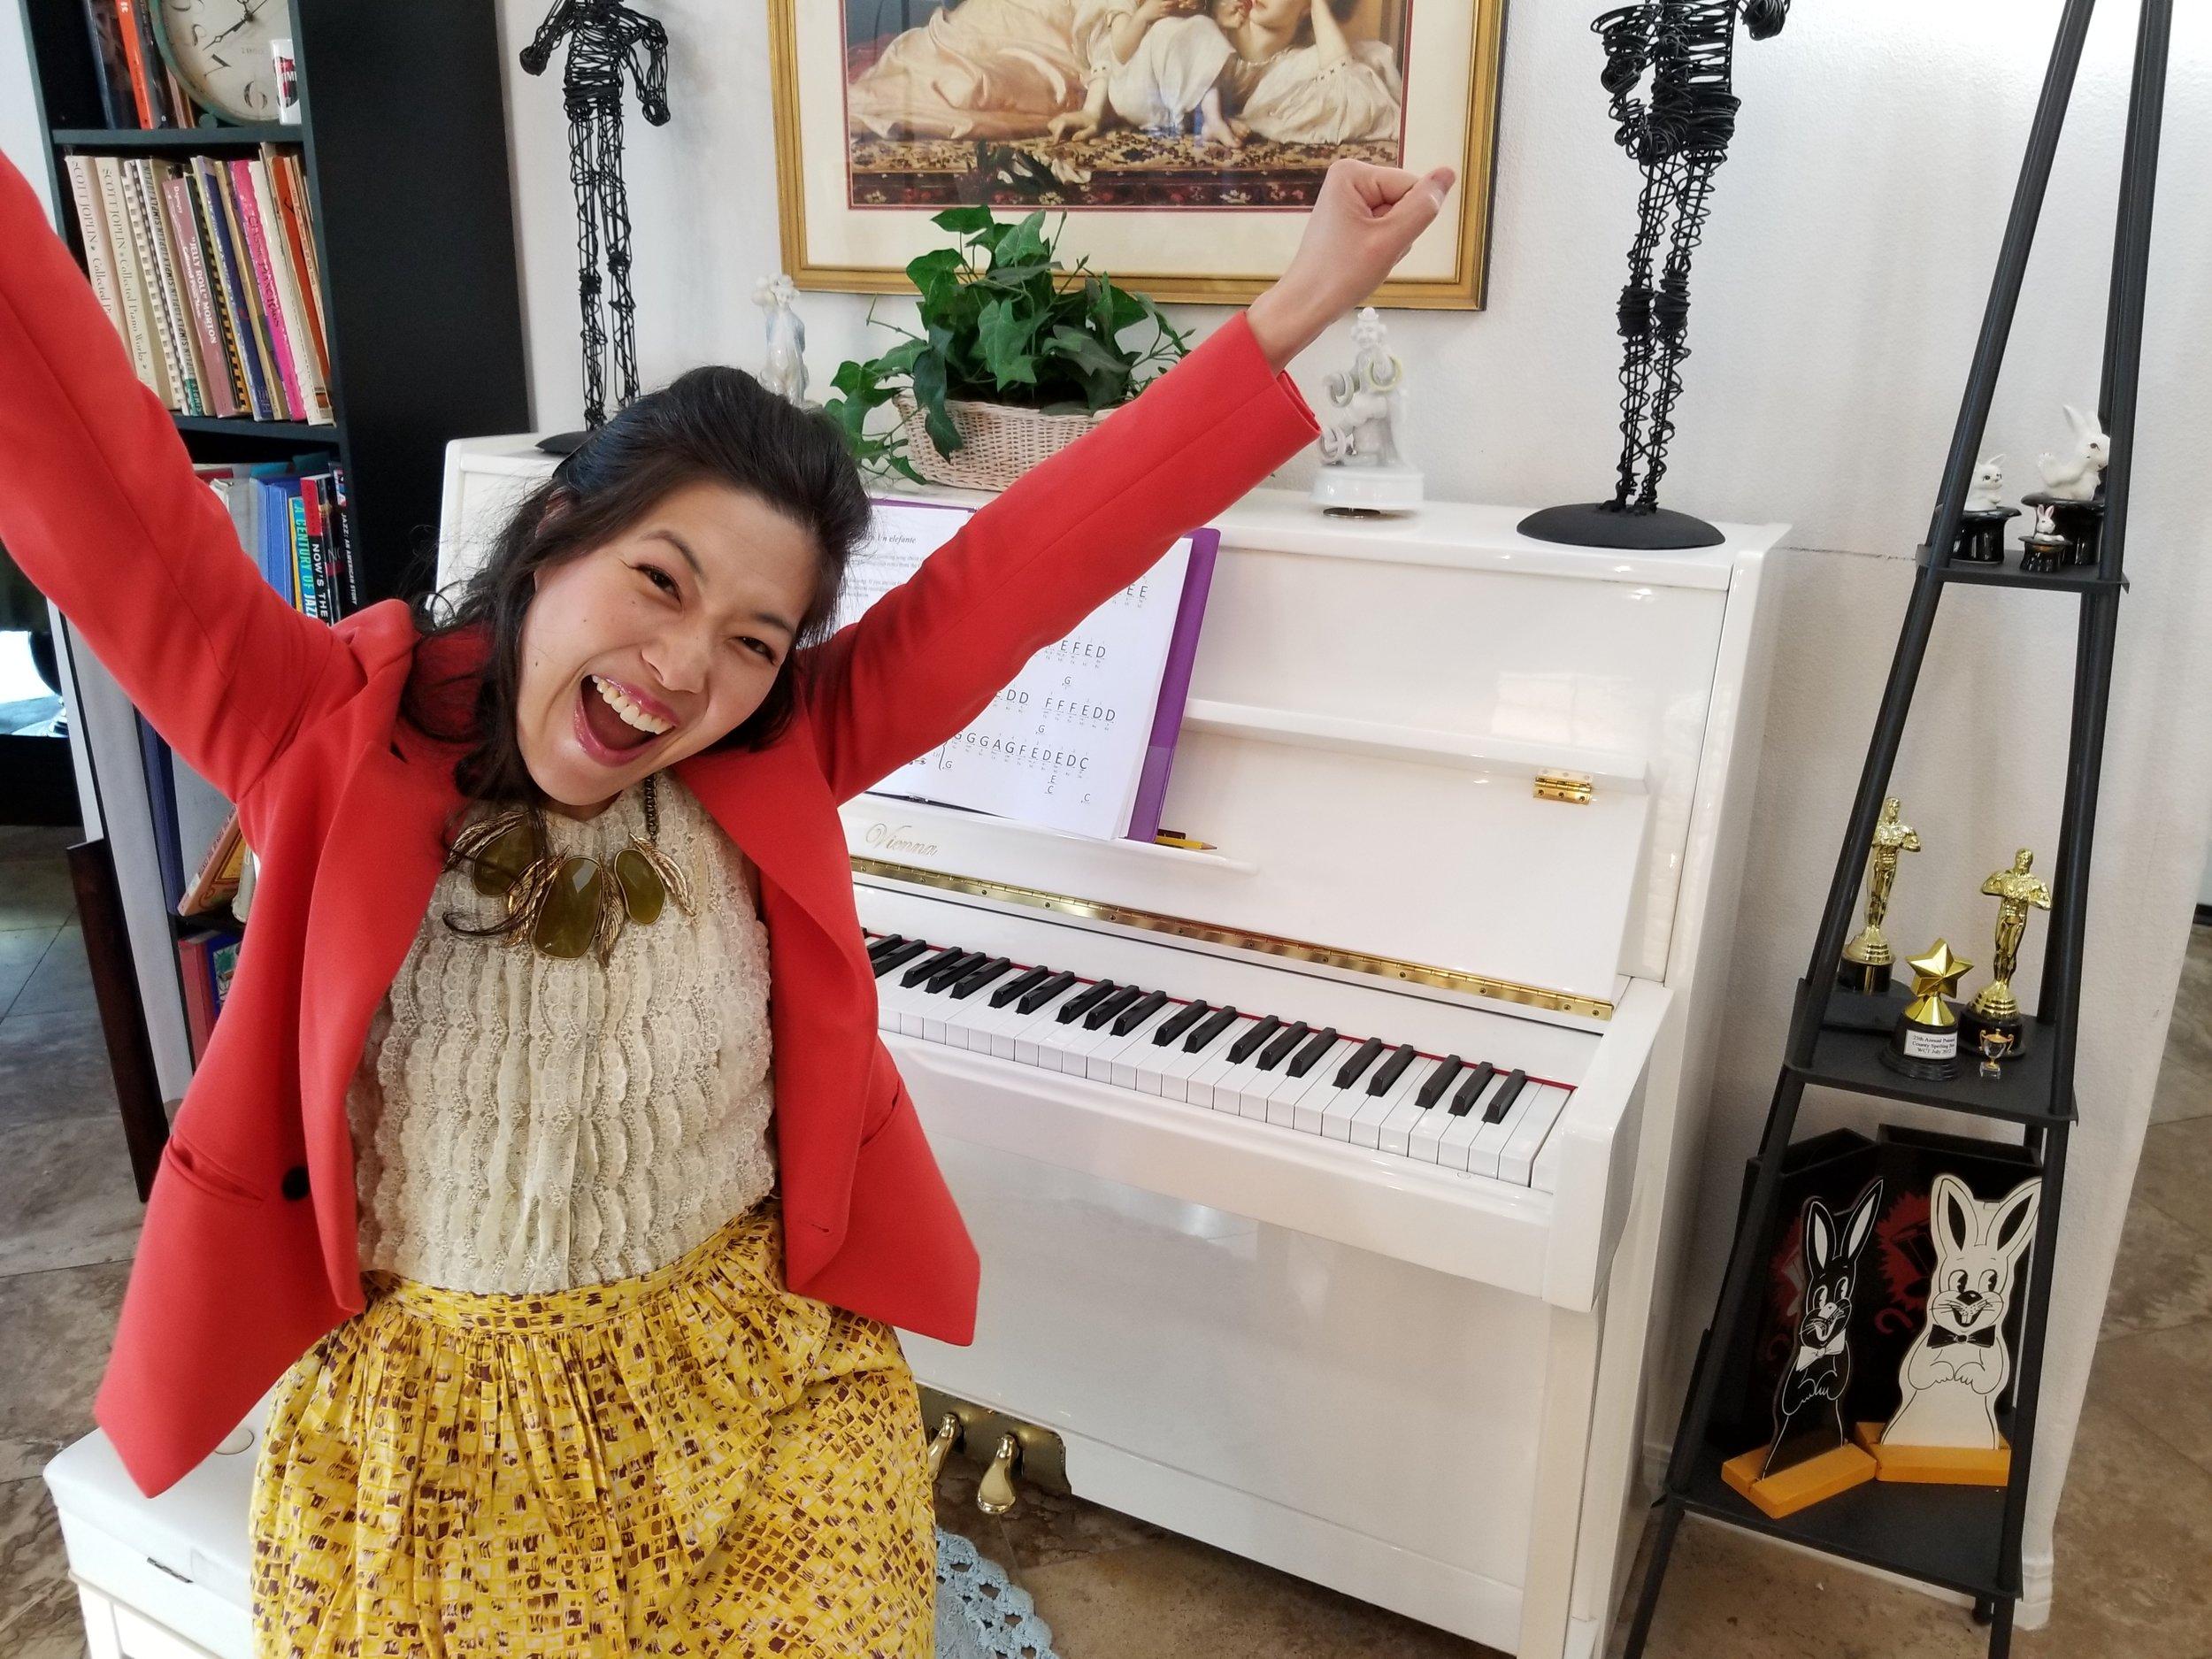 Prestissima! at the piano